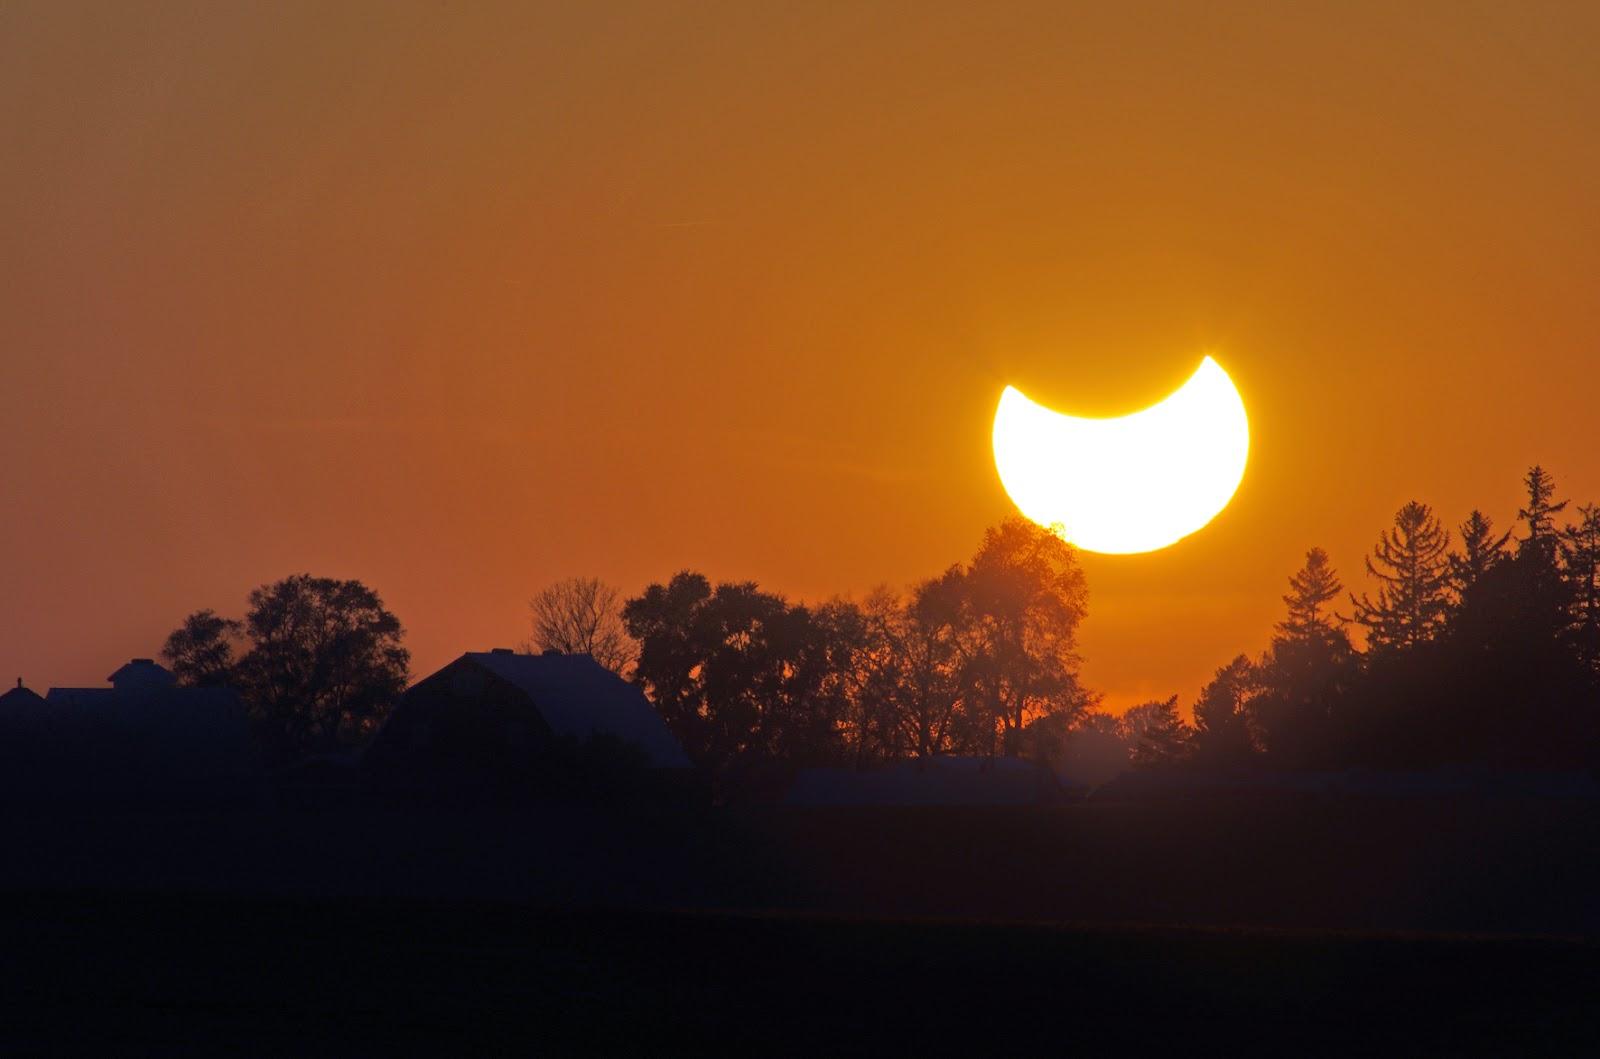 PartialSunEclipse9